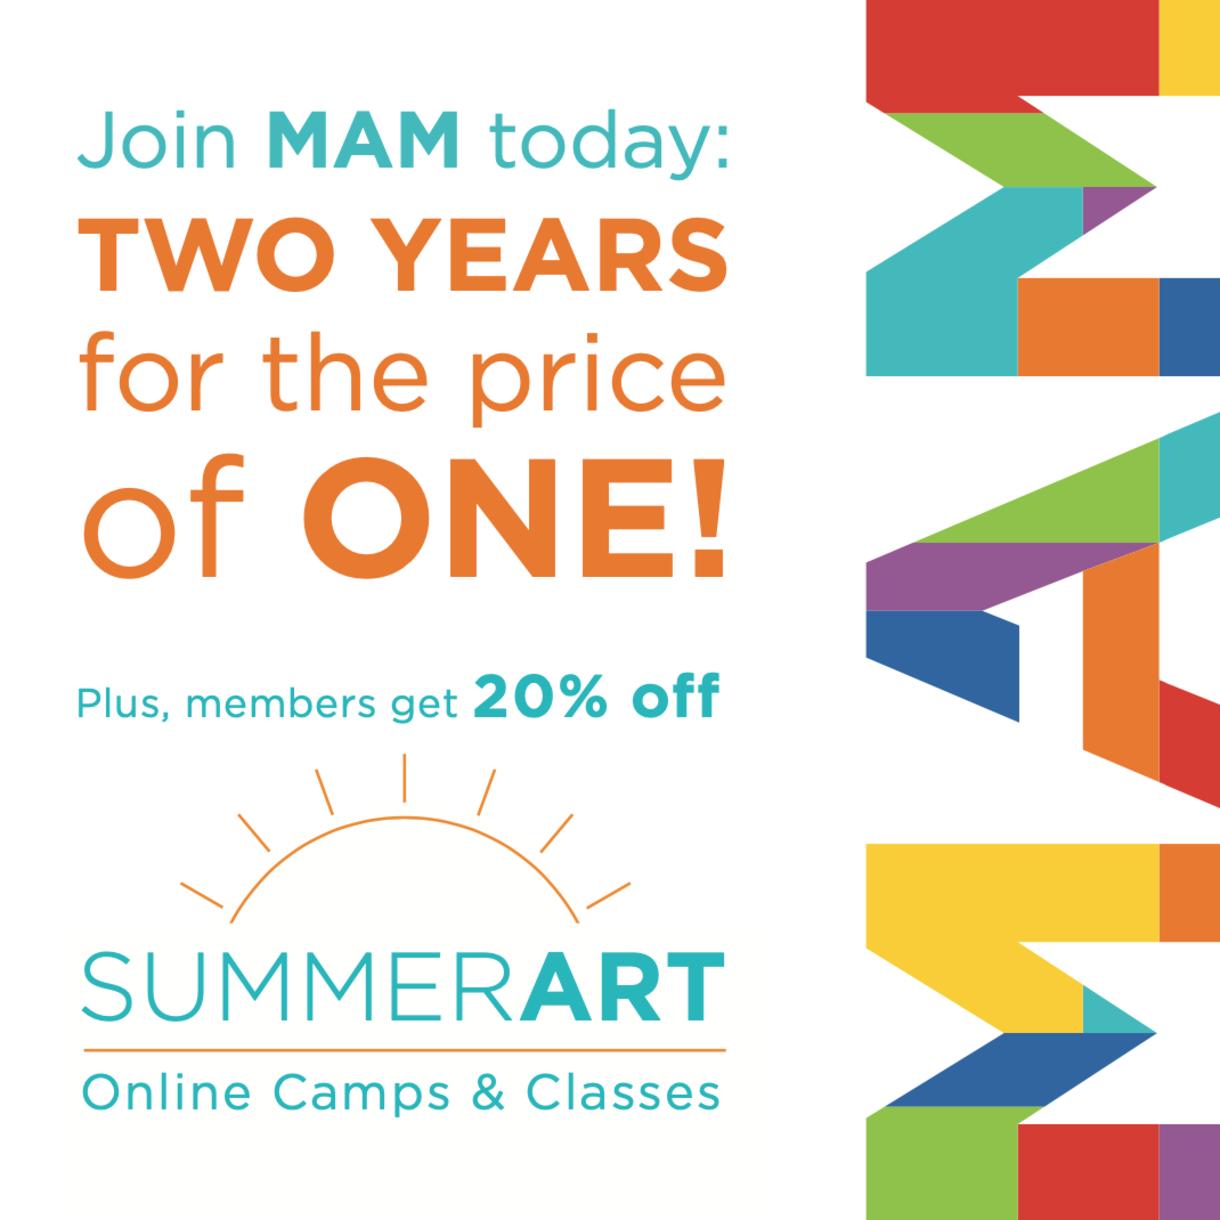 MAM 2 for 1 membership offer